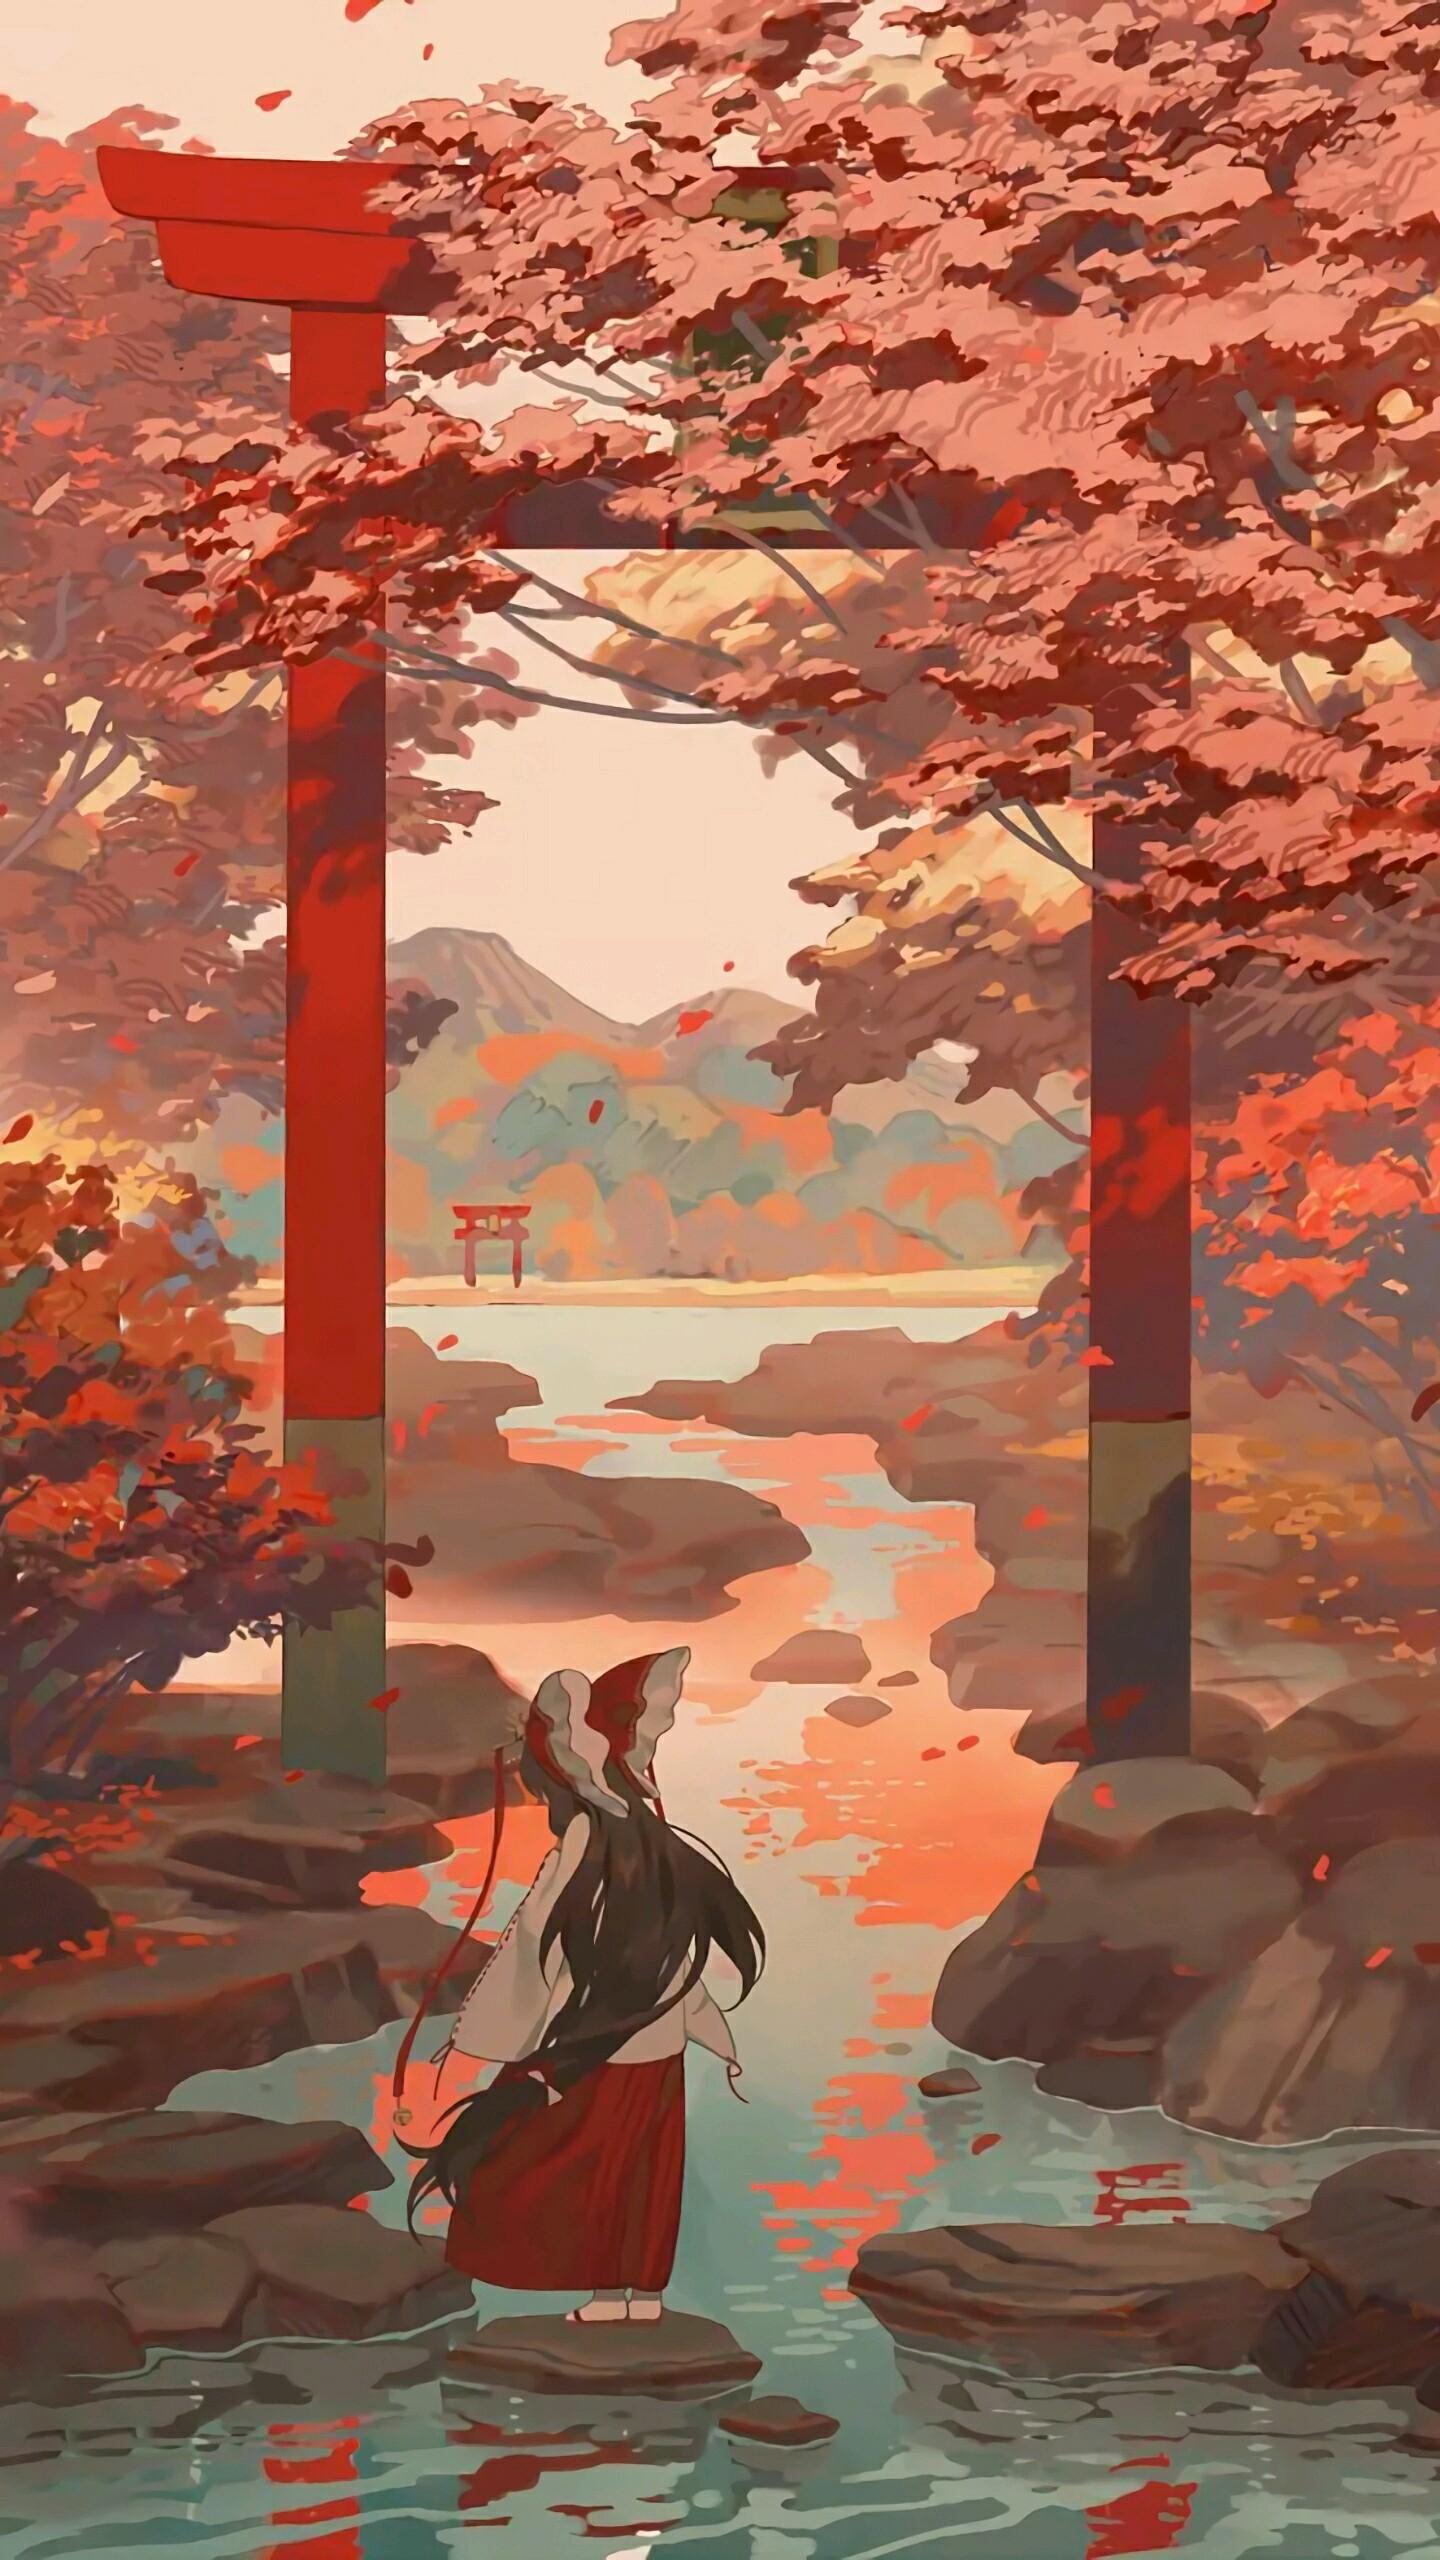 デスクトップ壁紙 アニメの女の子 秋 水 1440x2560 Jondoe297 デスクトップ壁紙 Wallhere